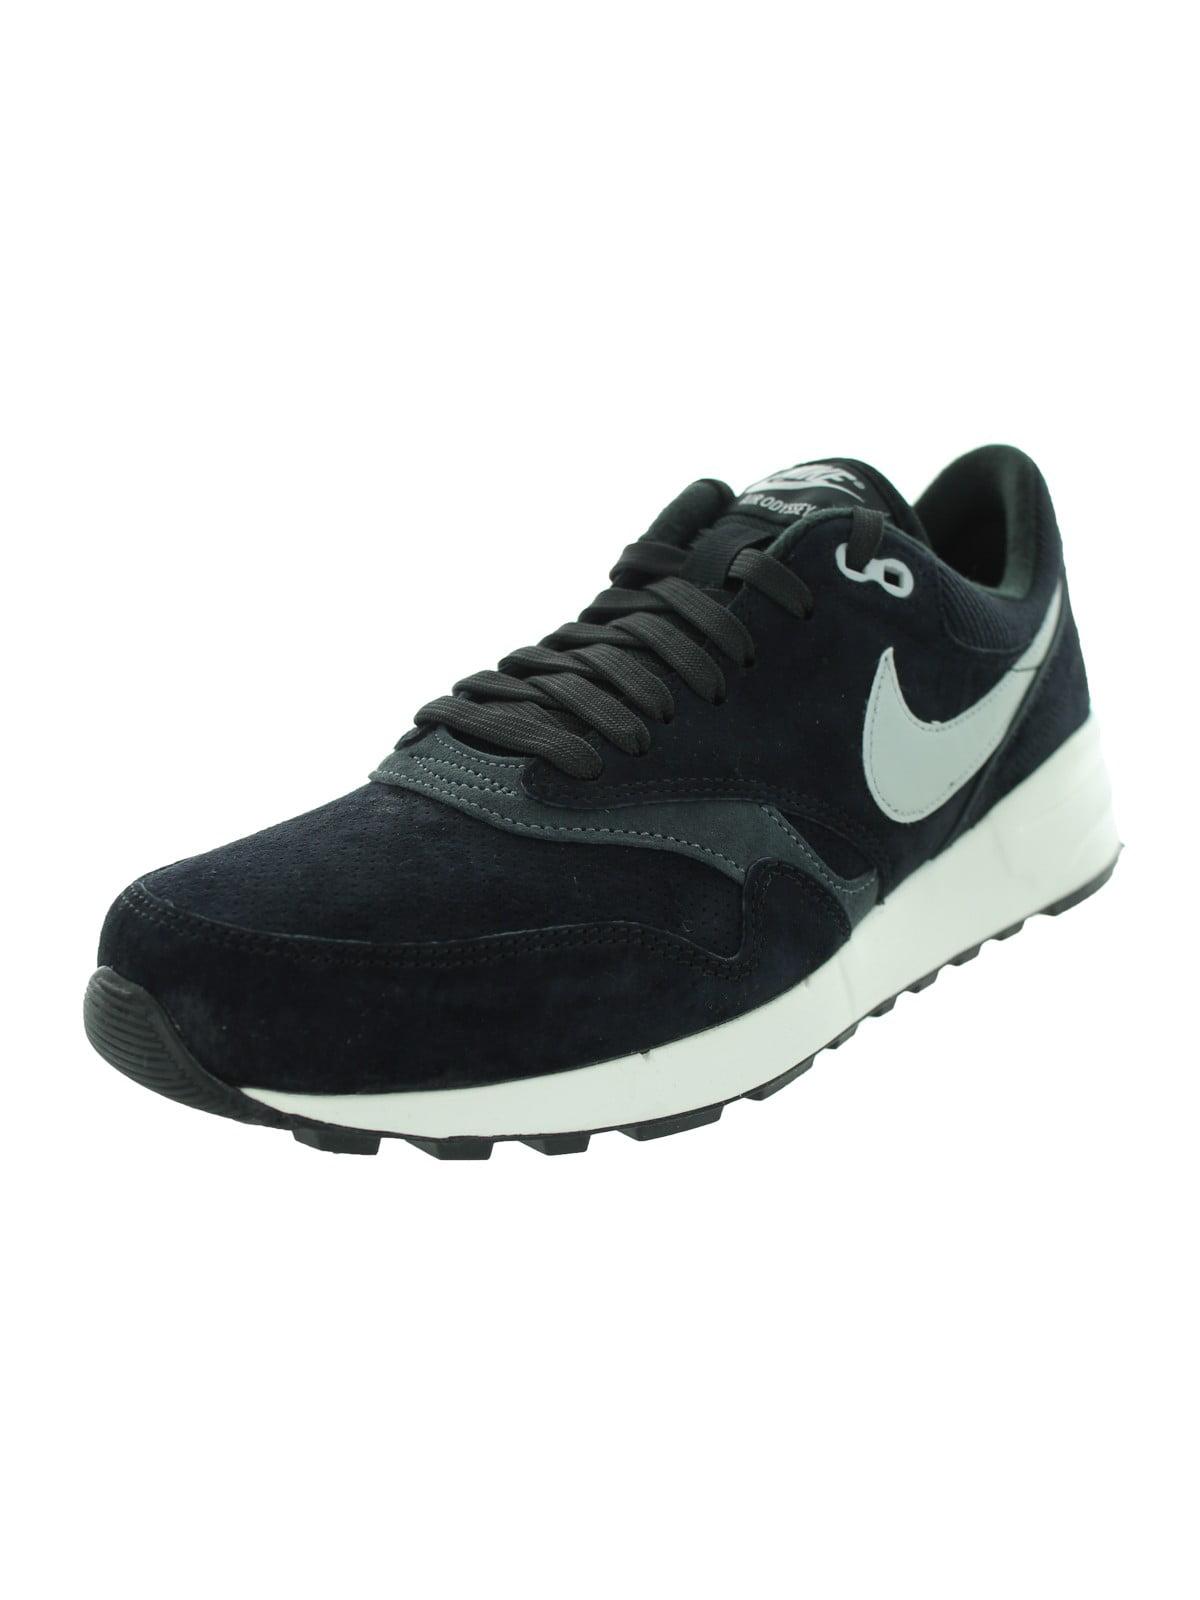 343a6706528e Nike Men s Air Odyssey Ltr Running Shoe